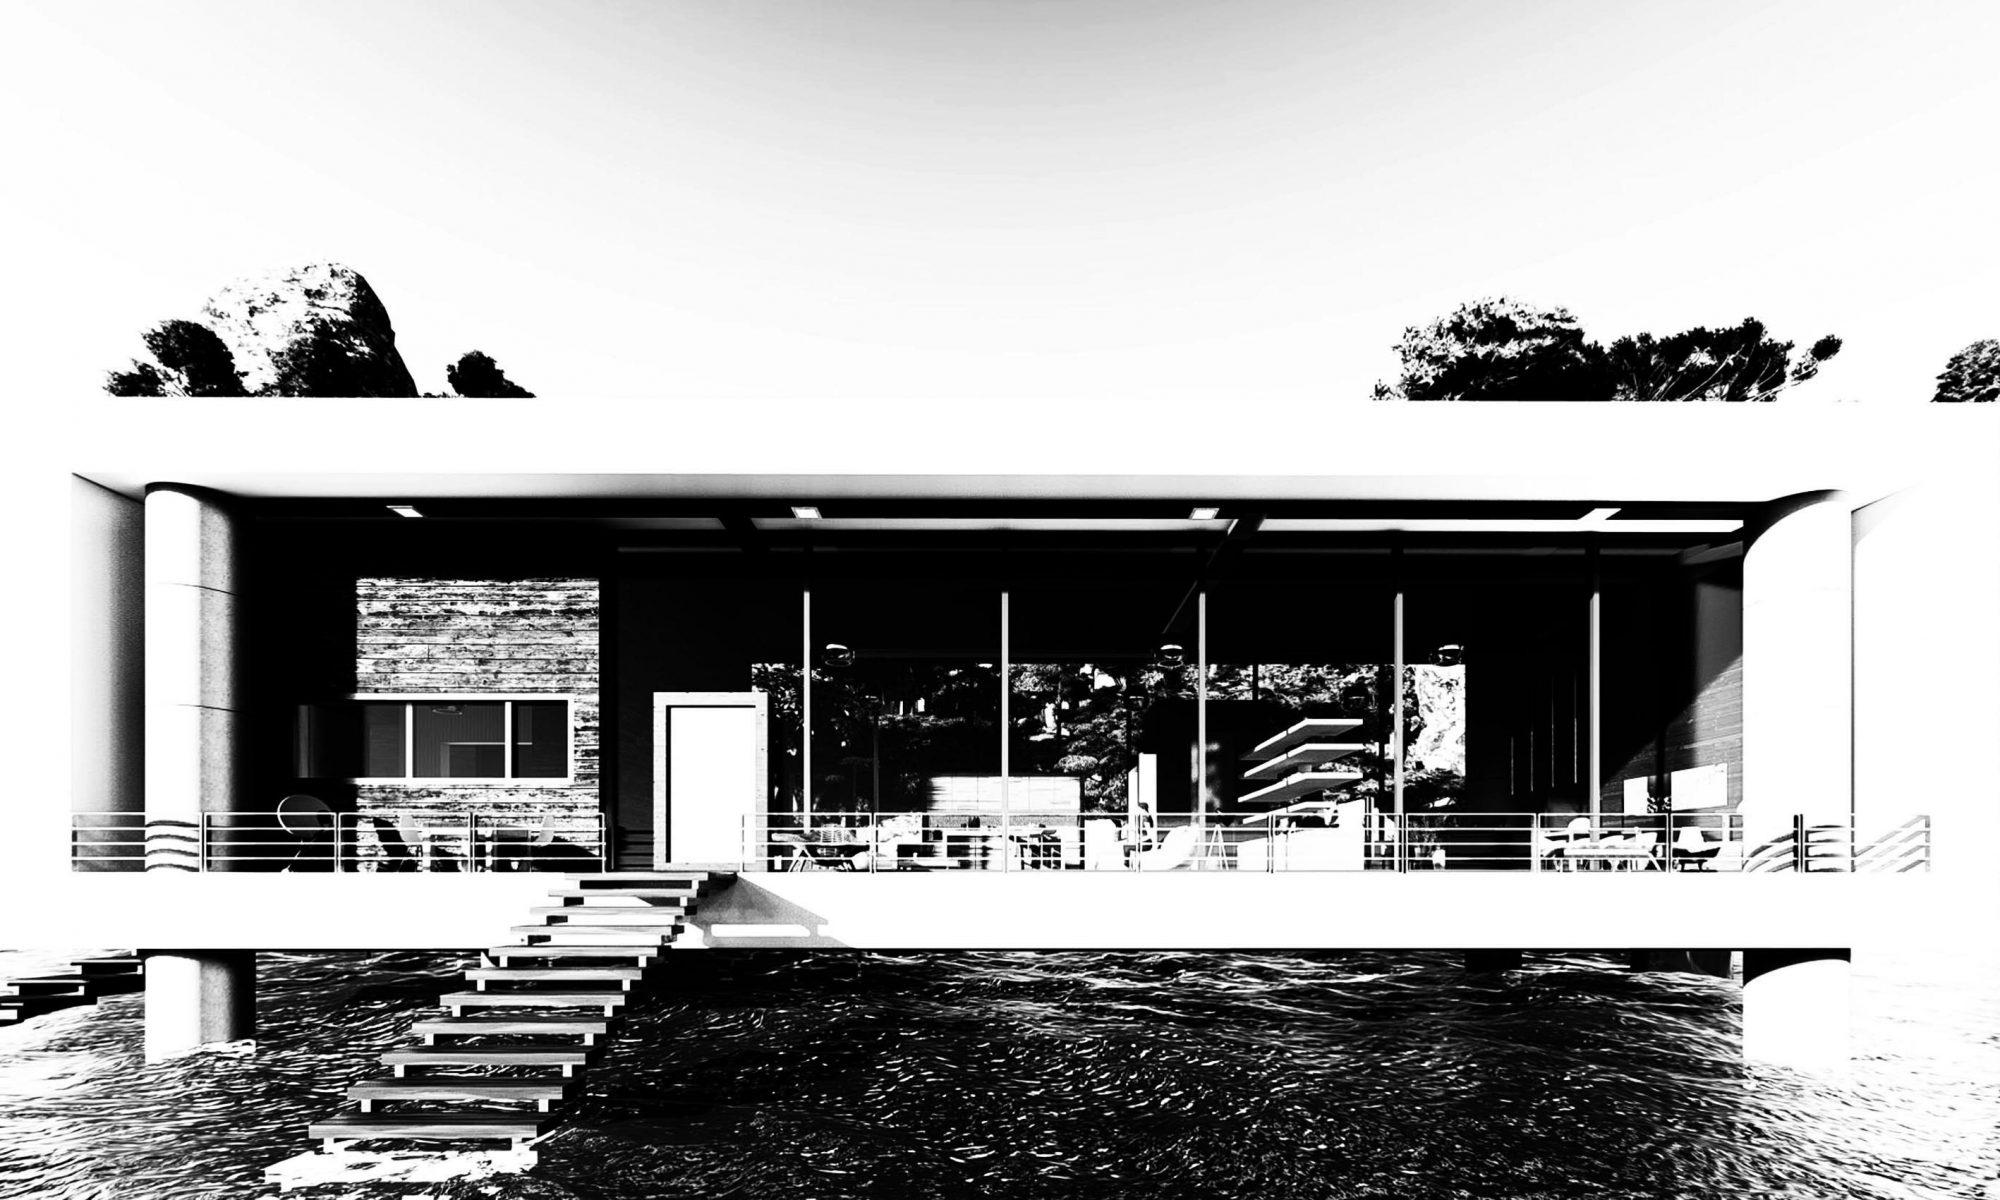 Arshaz Architects